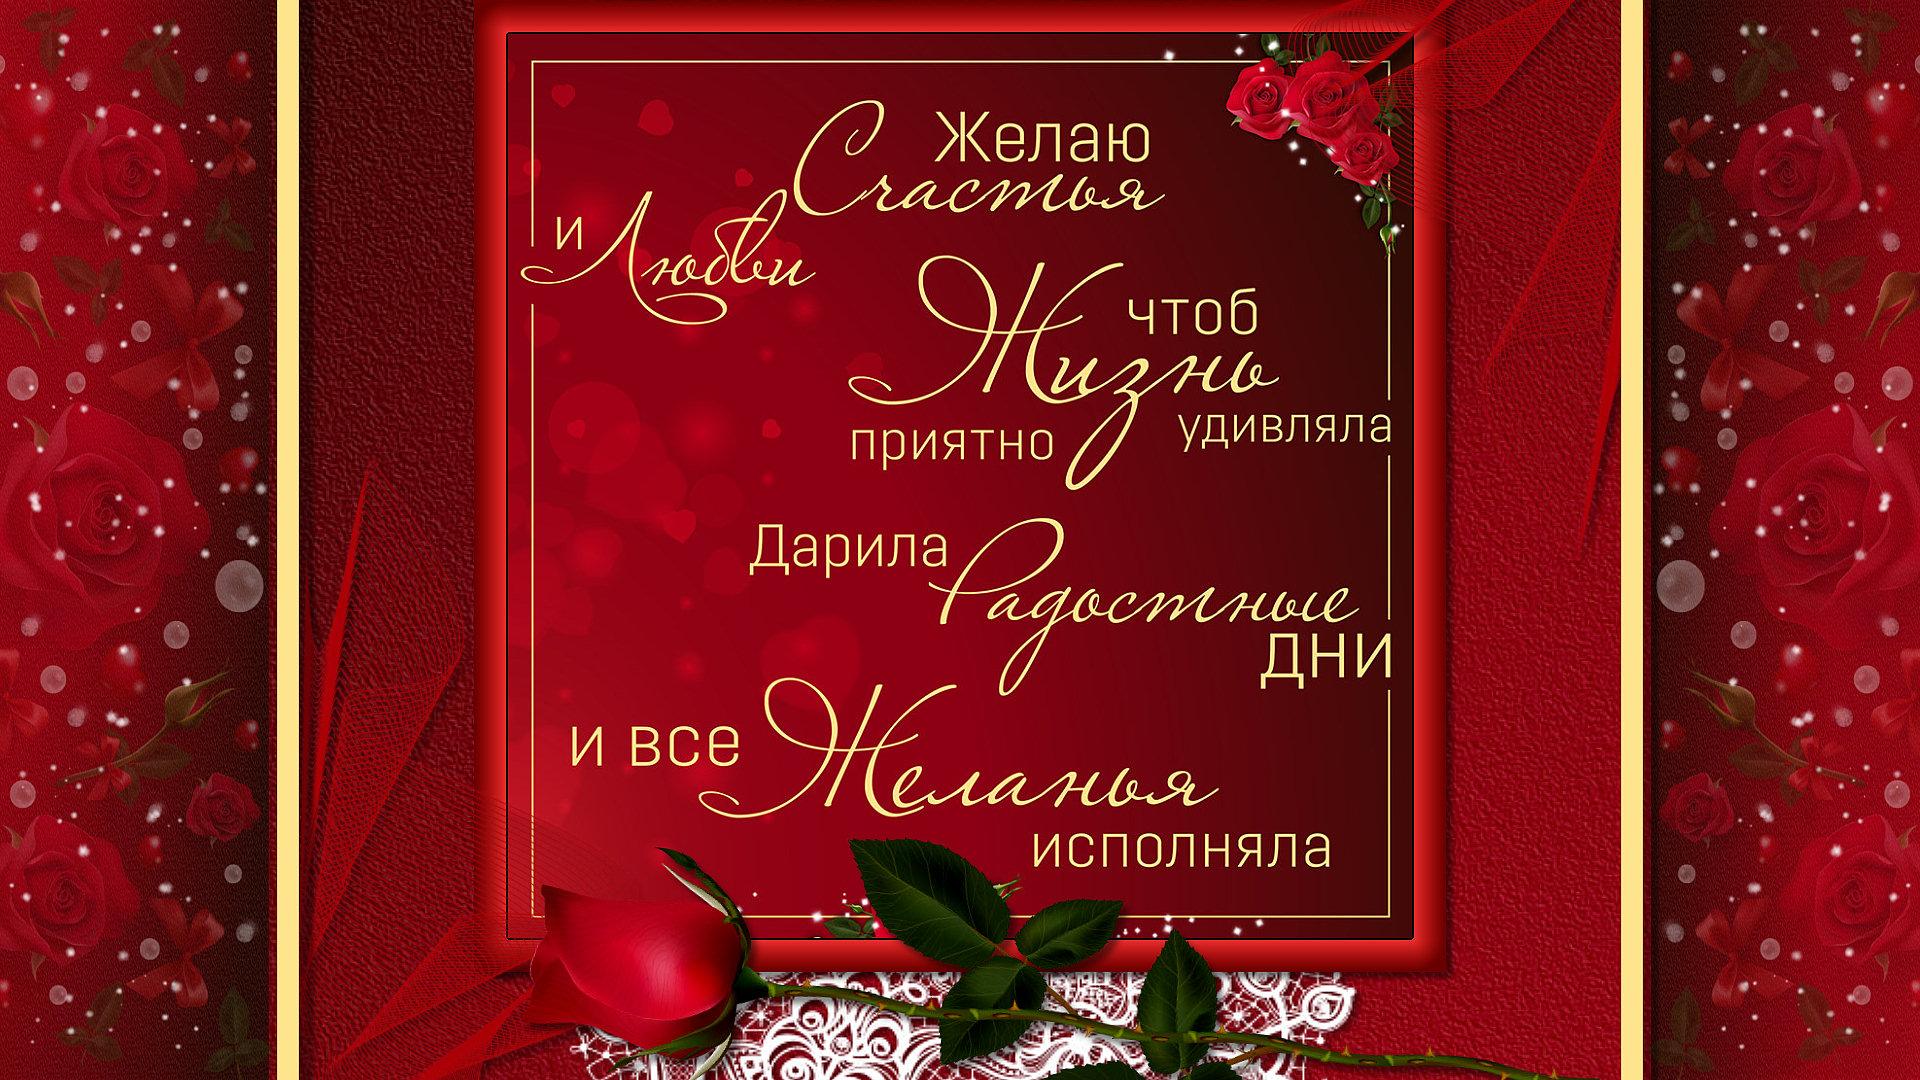 Birthday, congratulation, wish, gift, girl, woman, anniversary, holiday, День рождения, поздравление, пожелание, подарок,  девушке, женщине, юбилей, праздник,